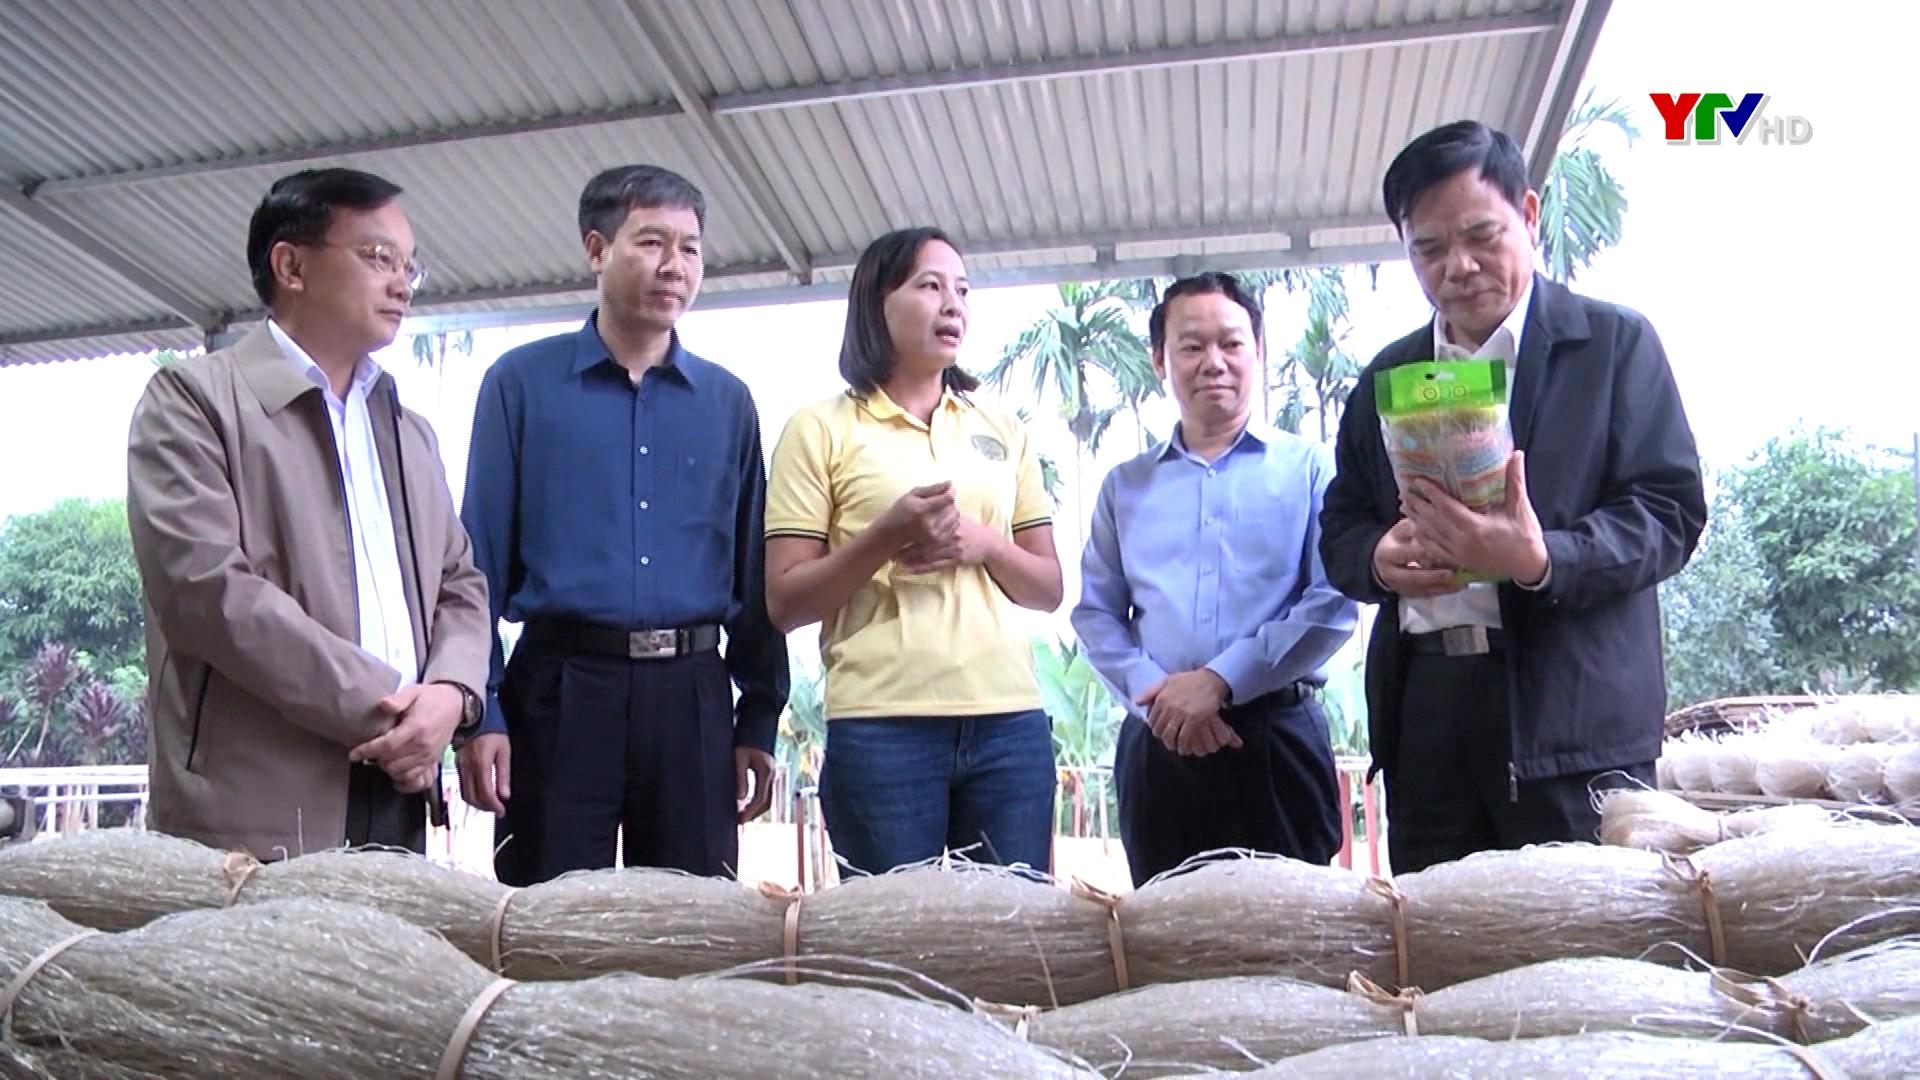 Bộ trưởng Bộ Nông nghiệp và Phát triển nông thôn Nguyễn Xuân Cường thăm một số mô hình sản xuất nông nghiệp tại tỉnh Yên Bái